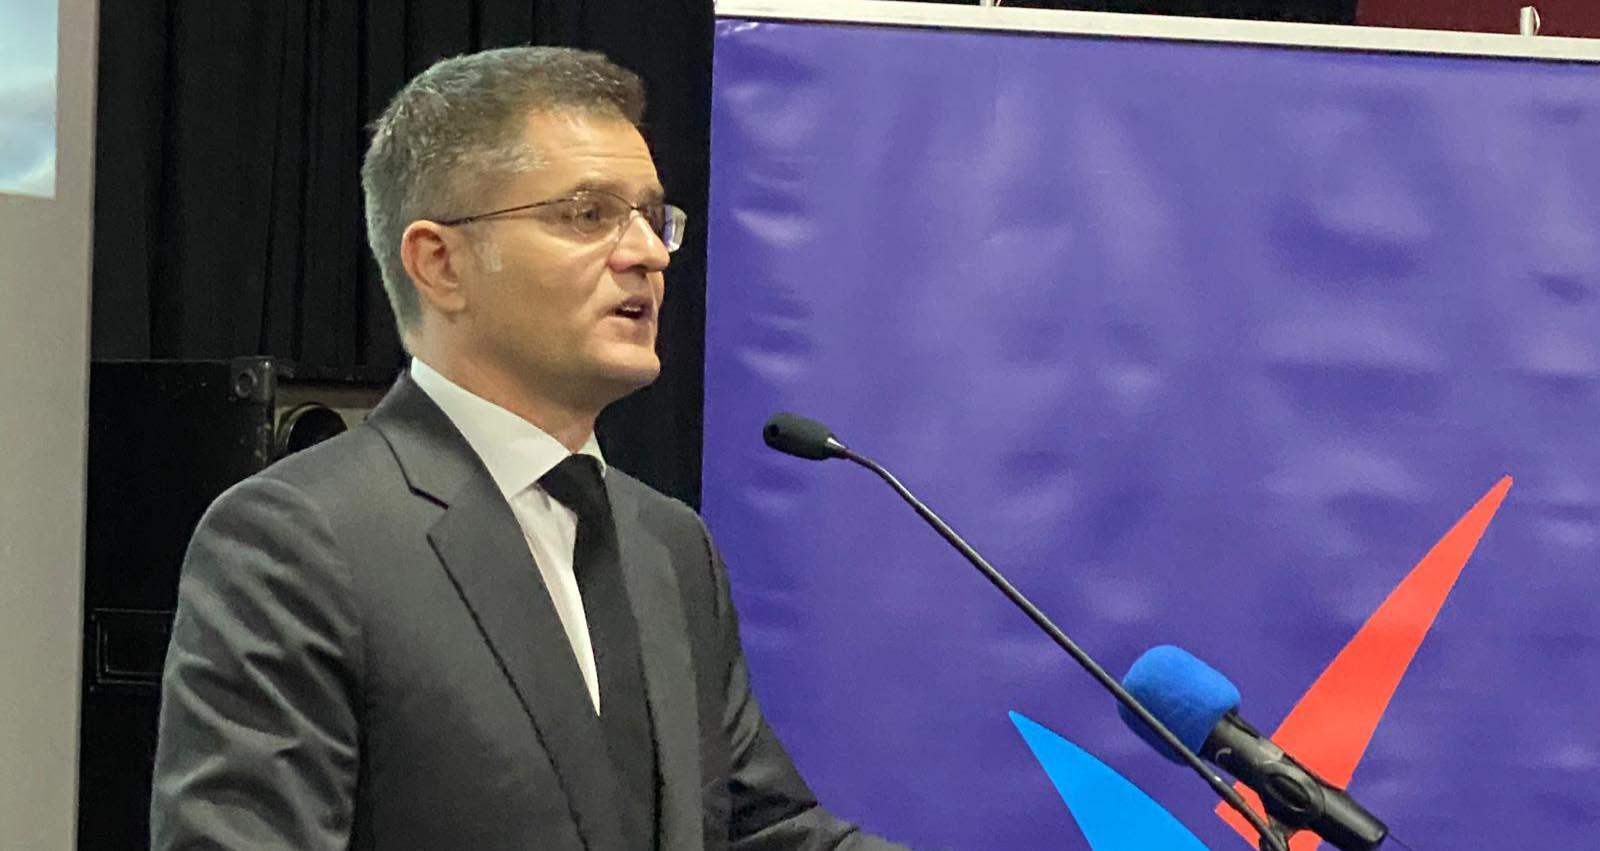 Јеремић: Србија је пред великим изазовима, потребна нам је саборност